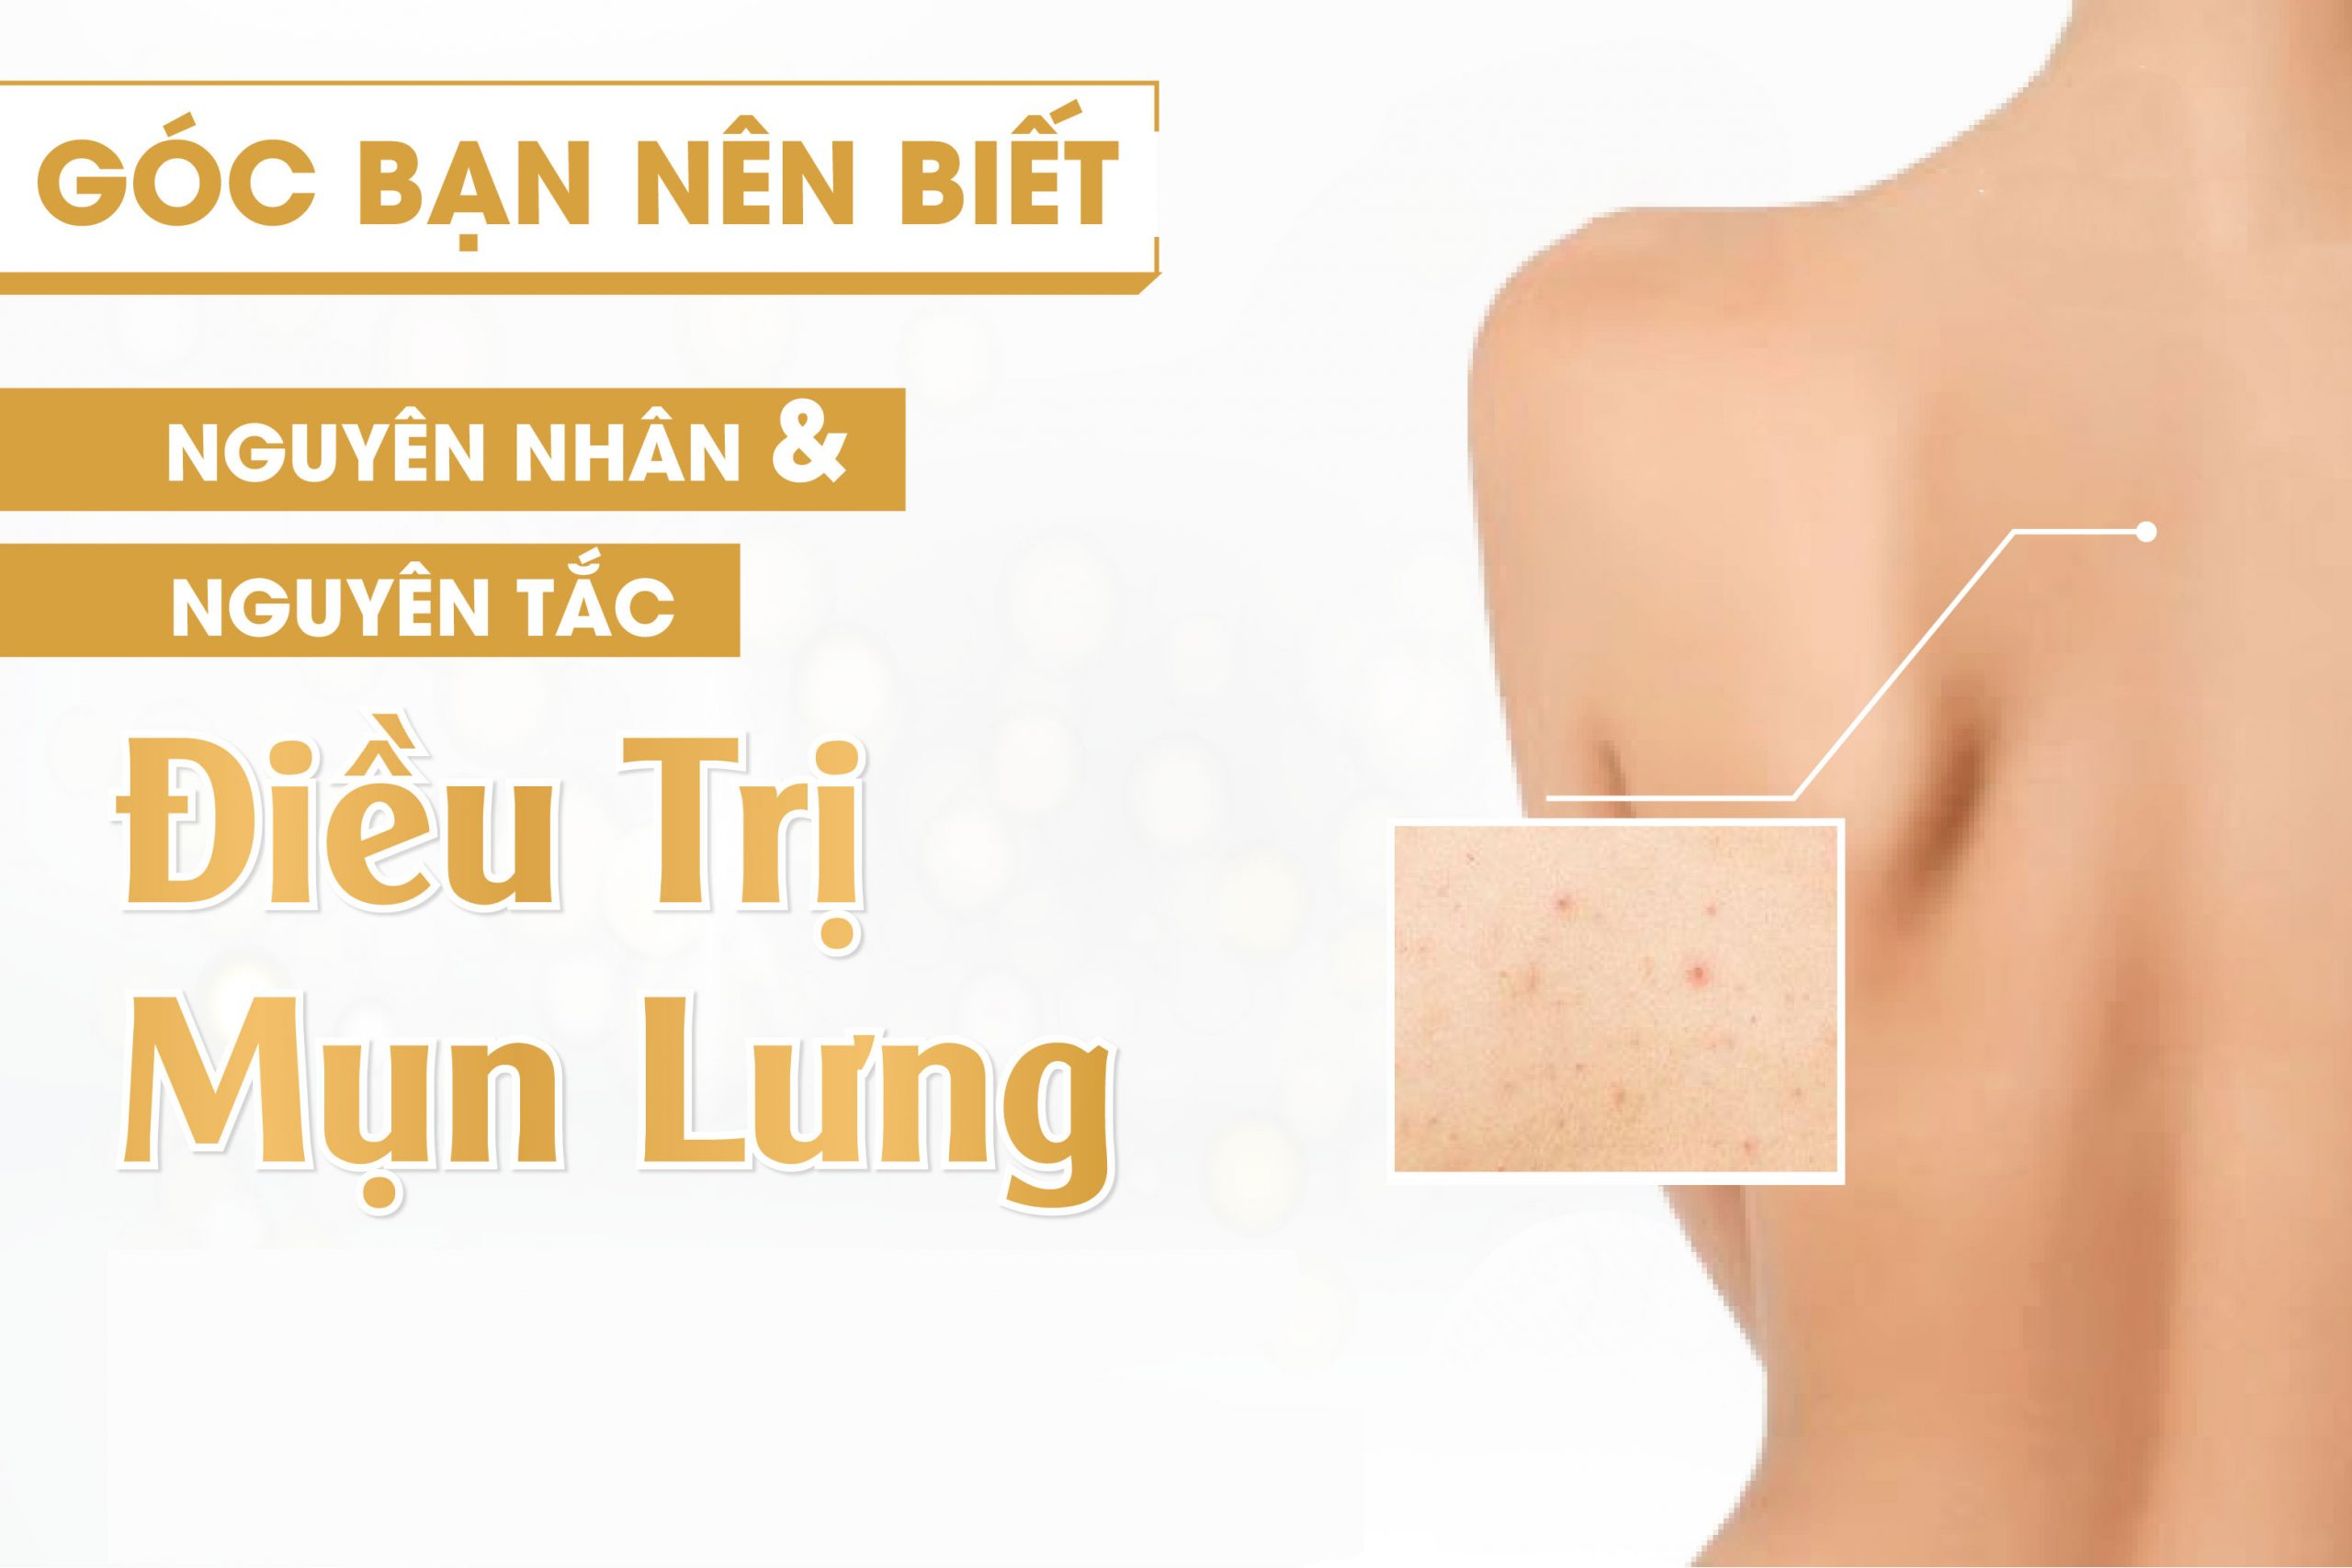 Điều trị mụn lưng tại Nam Định